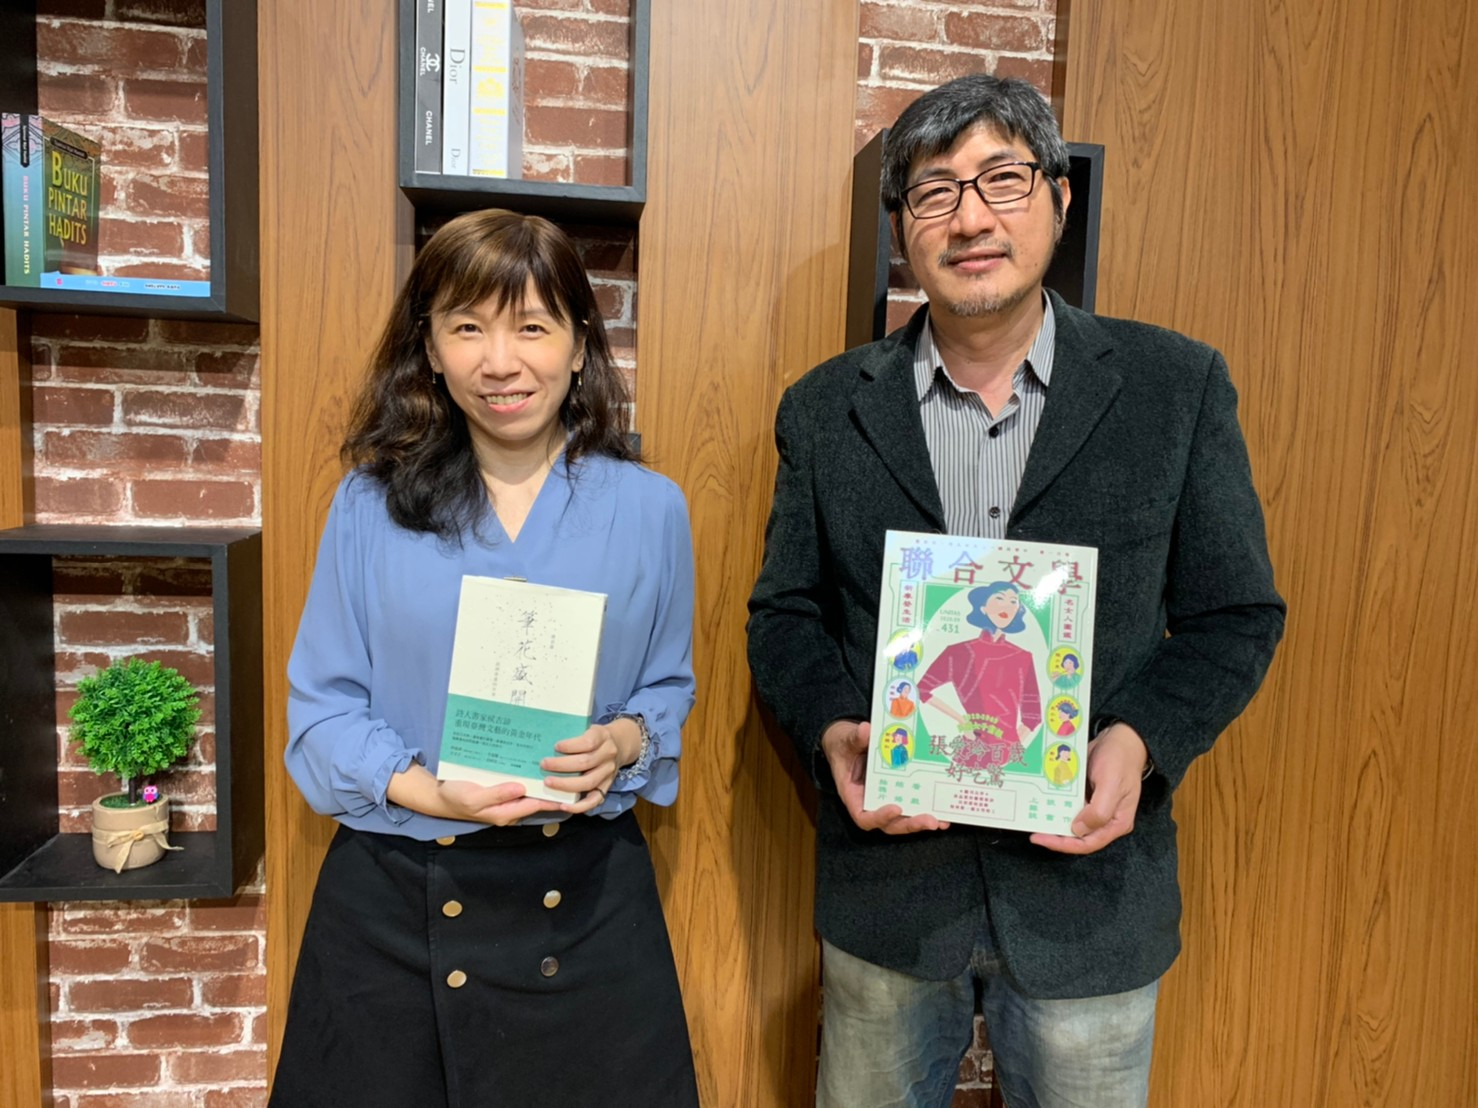 迎向數位浪潮的聯經出版公司總經理 陳芝宇